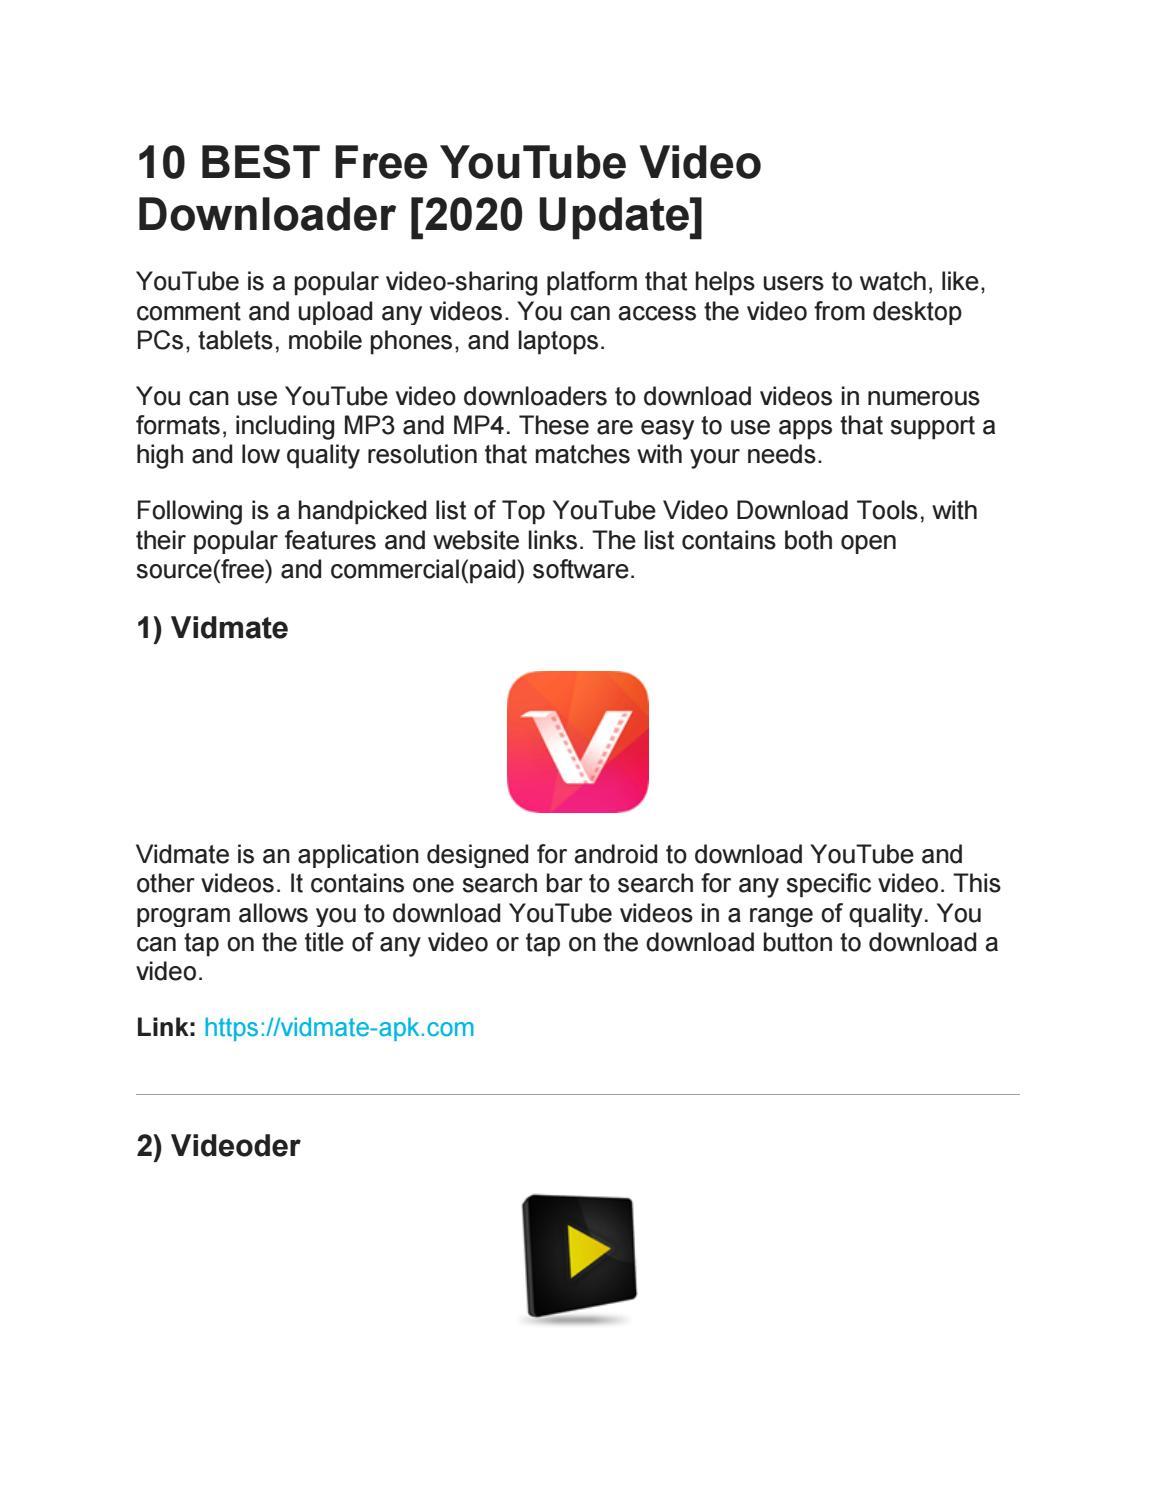 10 Best Free Youtube Video Downloader 2020 Update By Bitdownloader Issuu